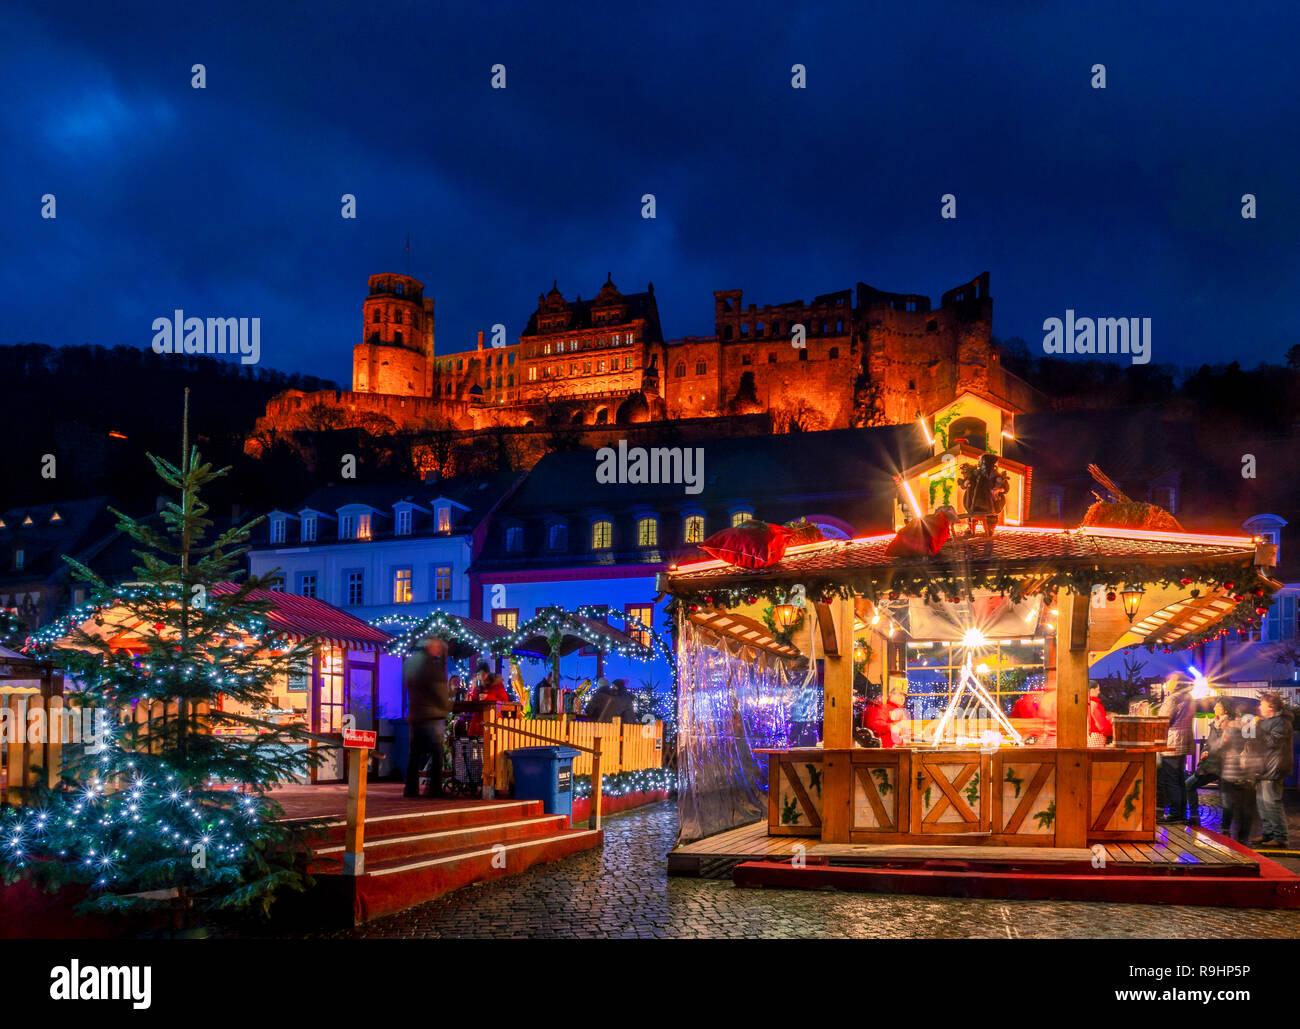 Heidelberg Weihnachtsmarkt.Weihnachtsmarkt Am Karlsplatz In Der Altstadt Von Heidelberg Mit